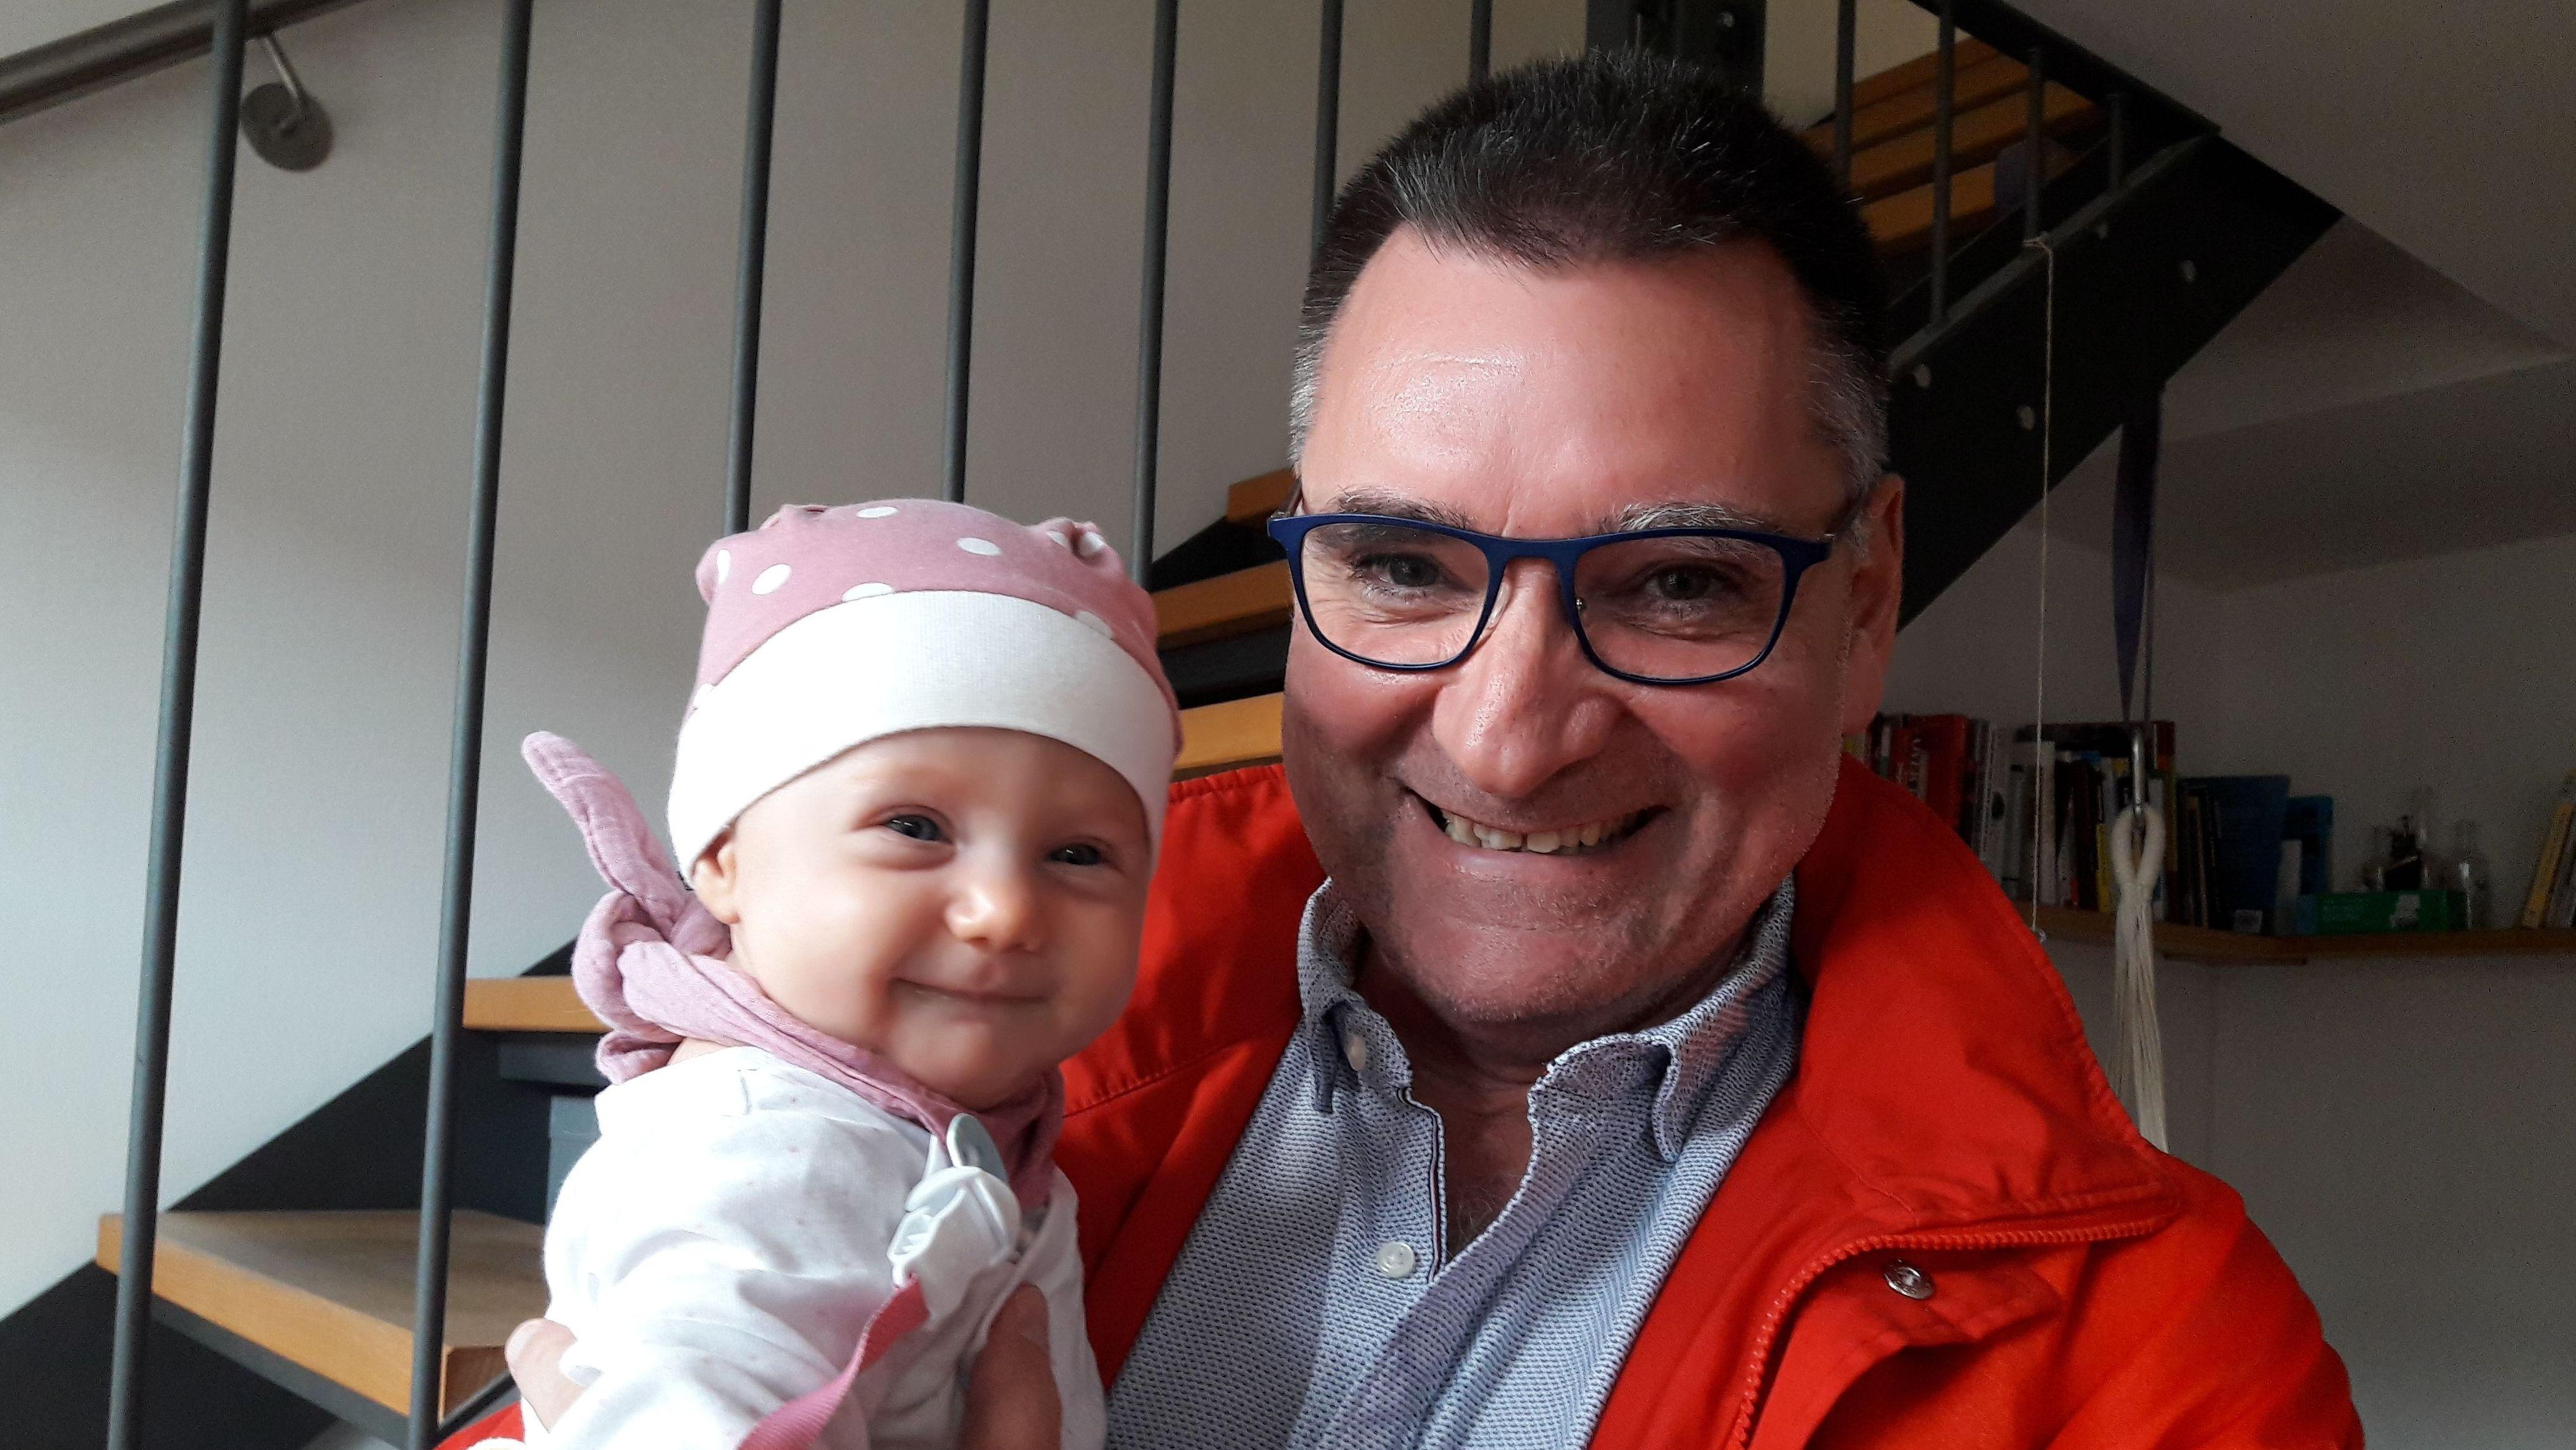 Kinderintensivarzt Michael Schroth mit der vier Monate alten Salome auf dem Arm